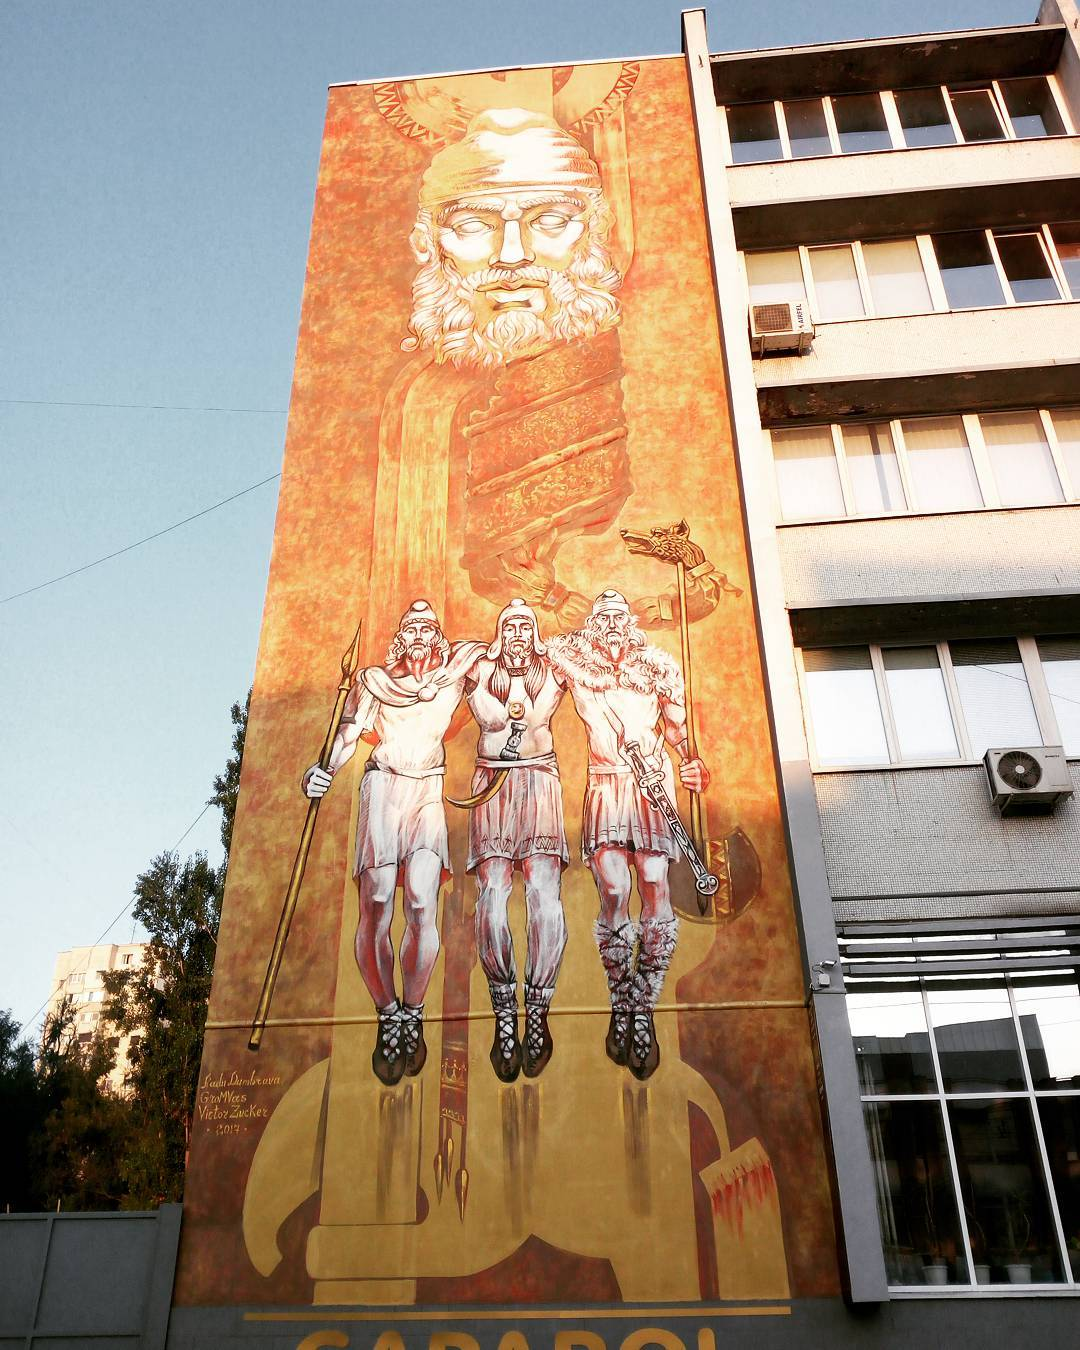 (Видео) На одном из кишиневских зданий появилось граффити с портретом Дечебала